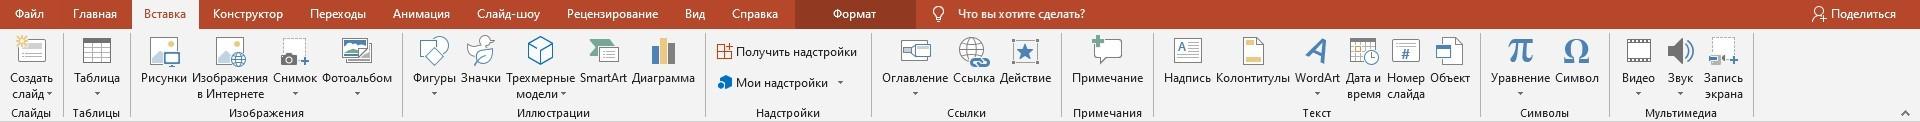 Как сделать презентацию в PowerPoint: Добавление диаграмм, таблиц, фигур, гистограмм на слайды